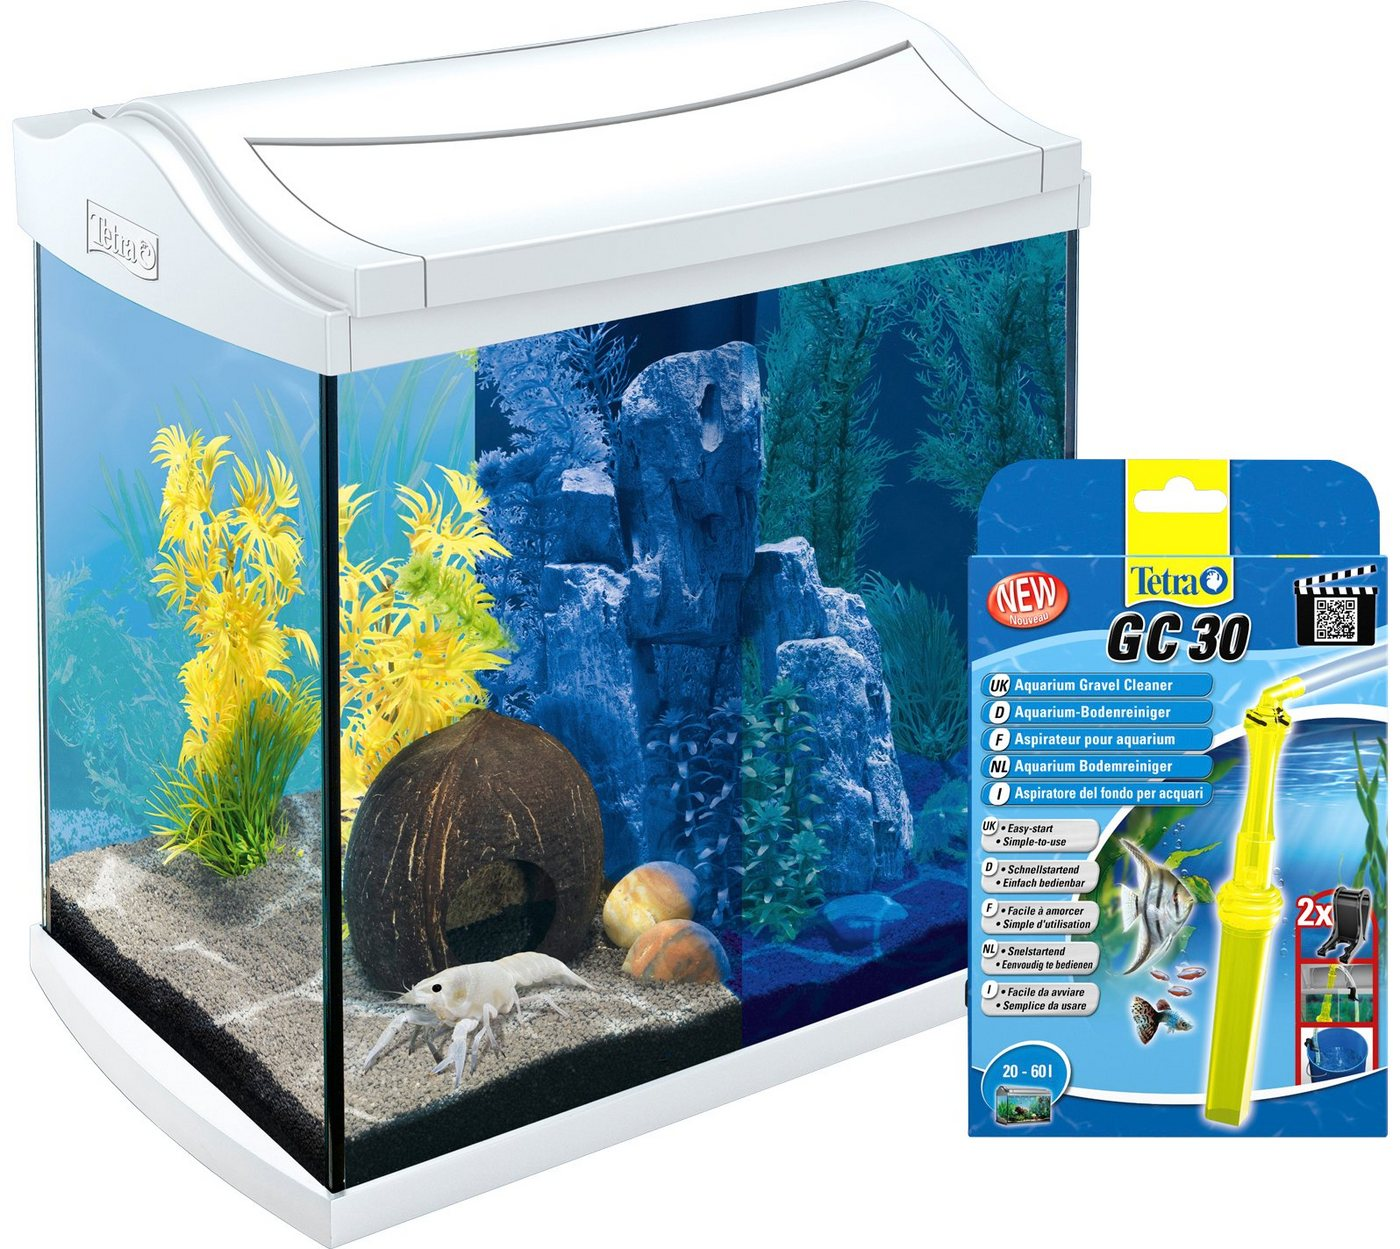 TETRA Aquarien-Set »AquaArt LED«, weiß, 30 Liter, inkl. GC 30 Bodenreiniger - Preisvergleich